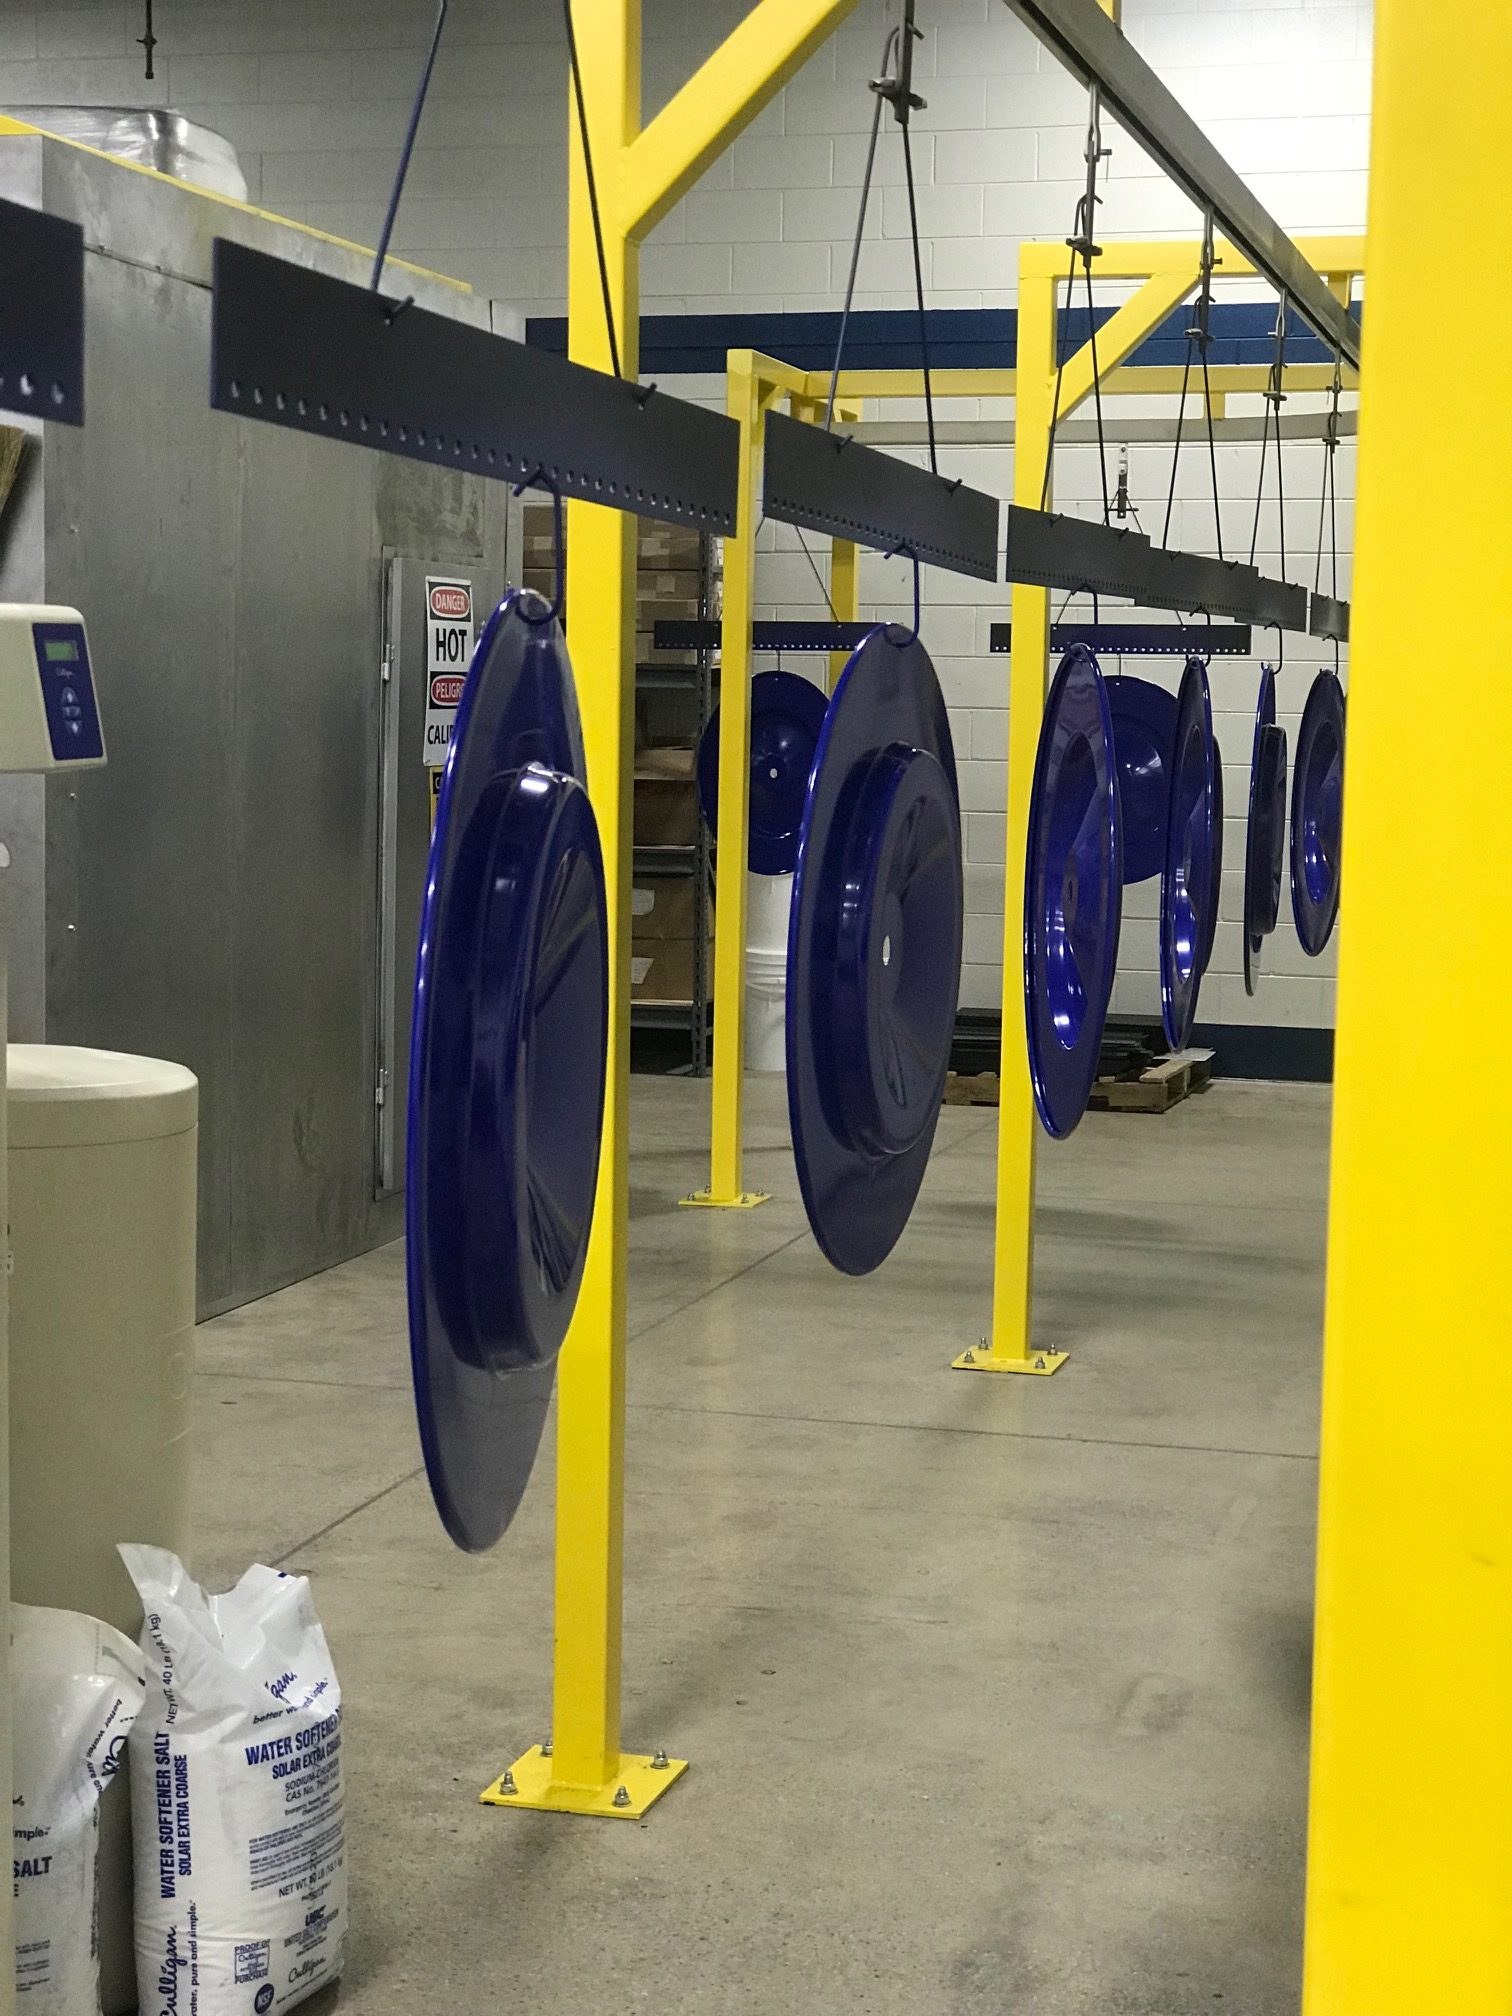 Powder coating - Blue rims